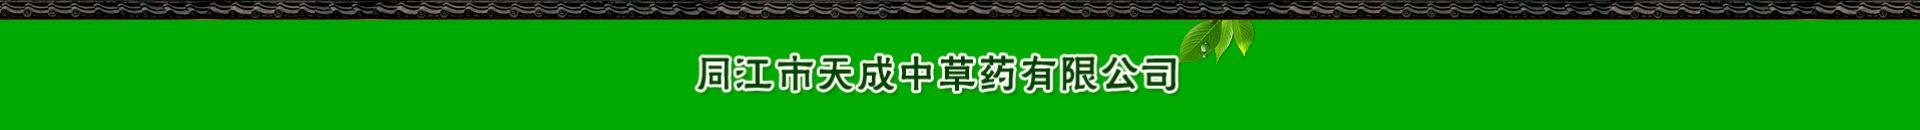 同江市天成中草药有限公司